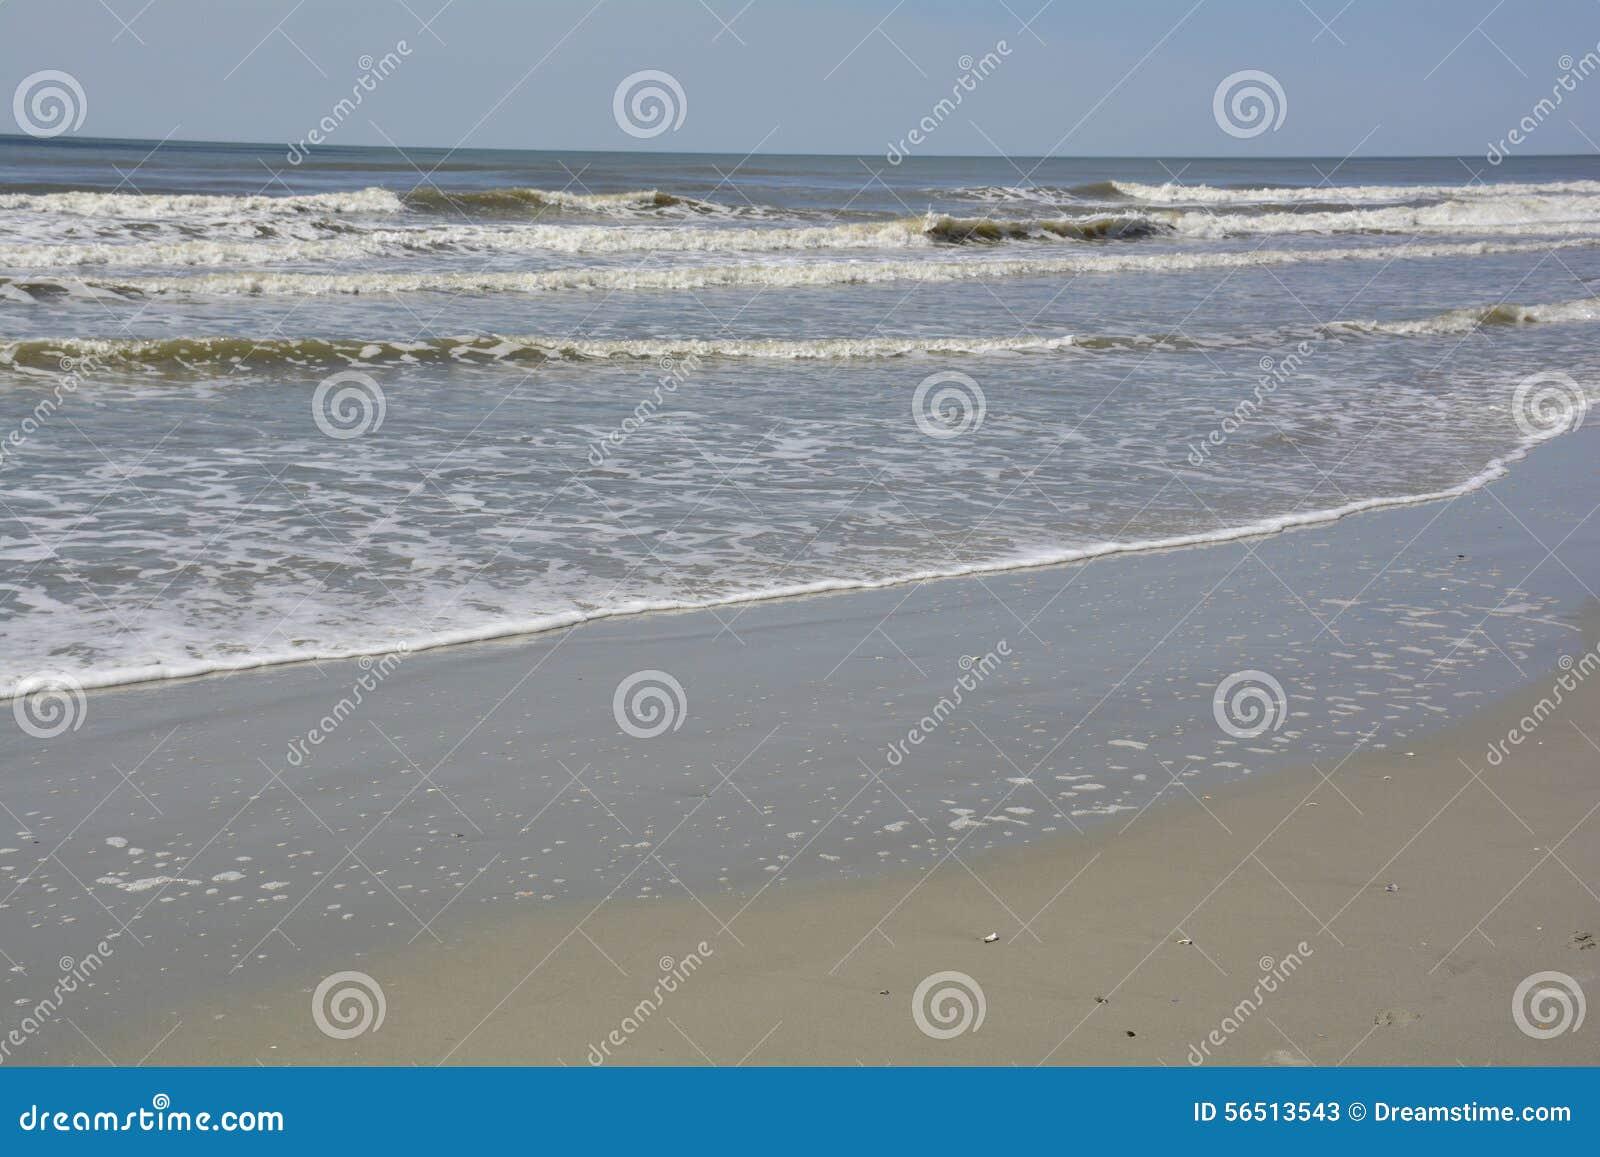 Endless Summer Myrtle Beach